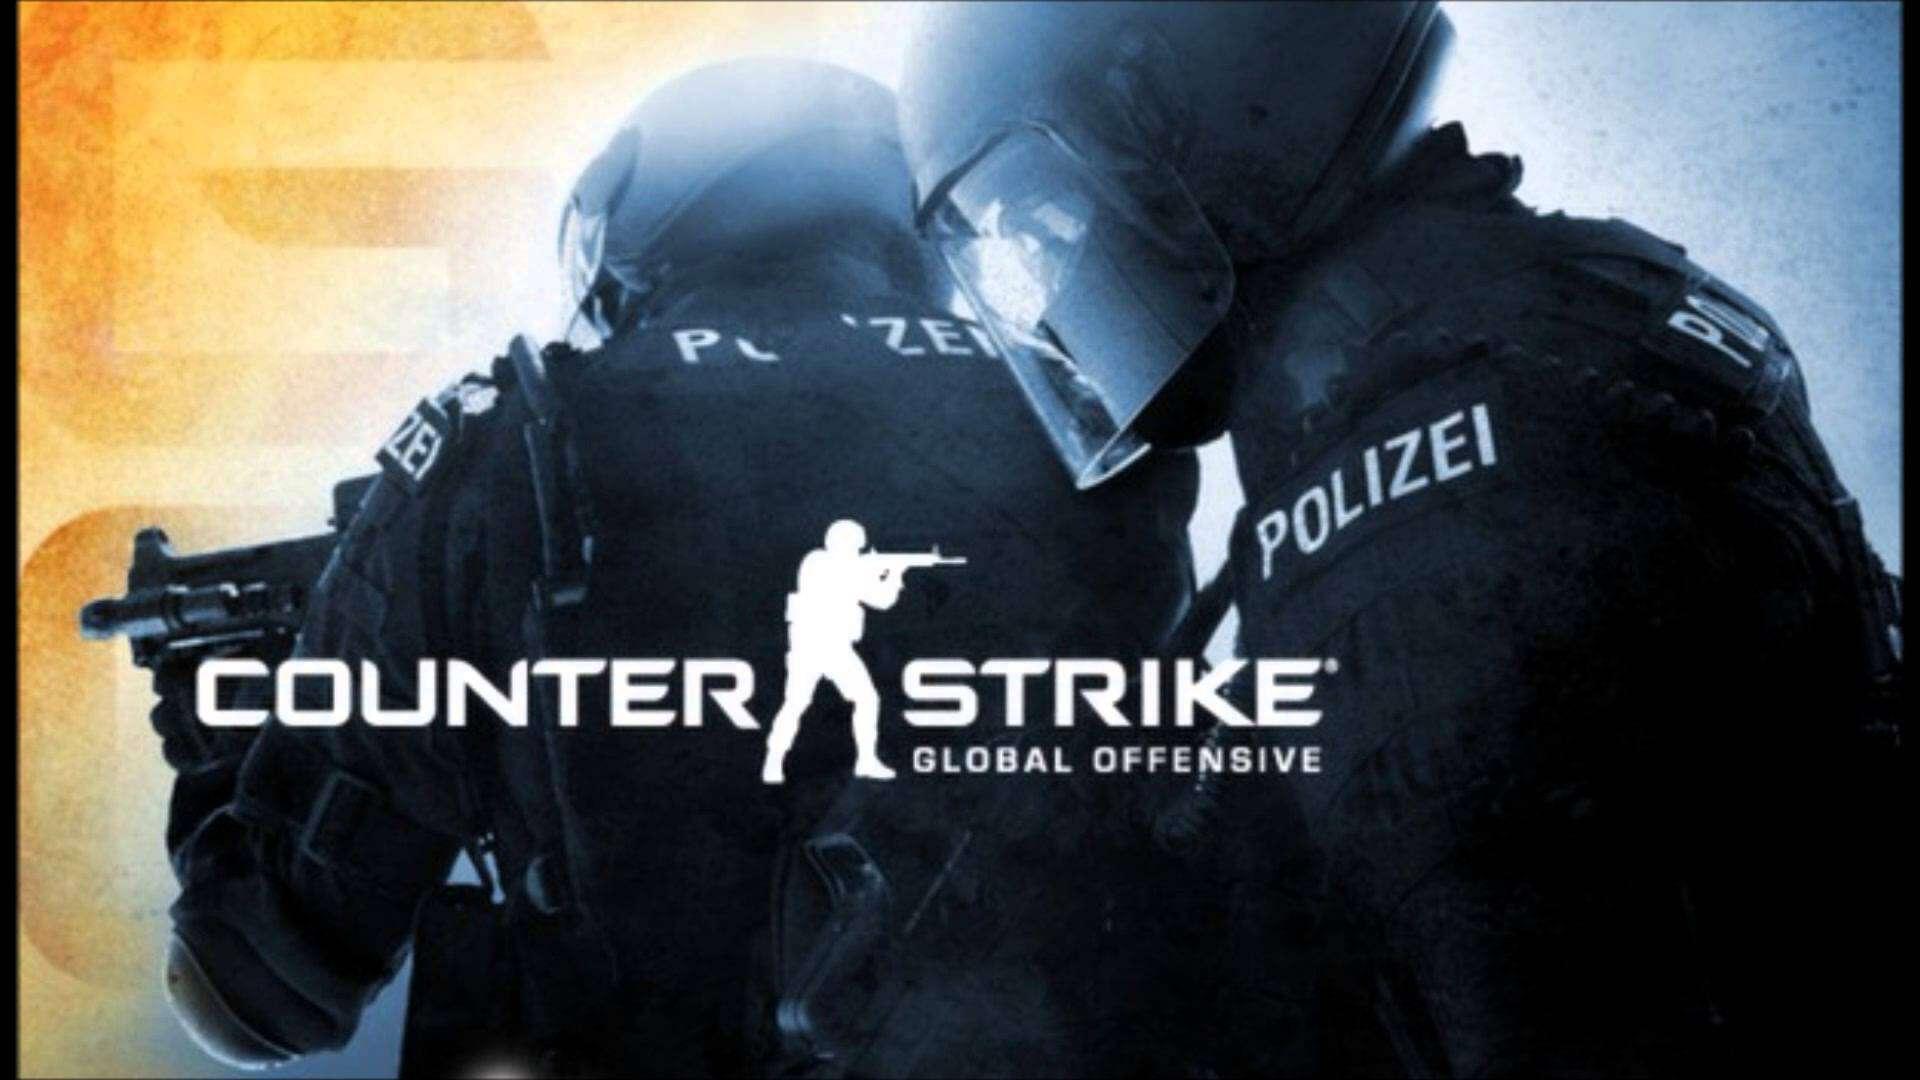 [SERVEUR FR/EU] Ouverture d'un serveur de jeu sur Counter-Strike Global Offensive